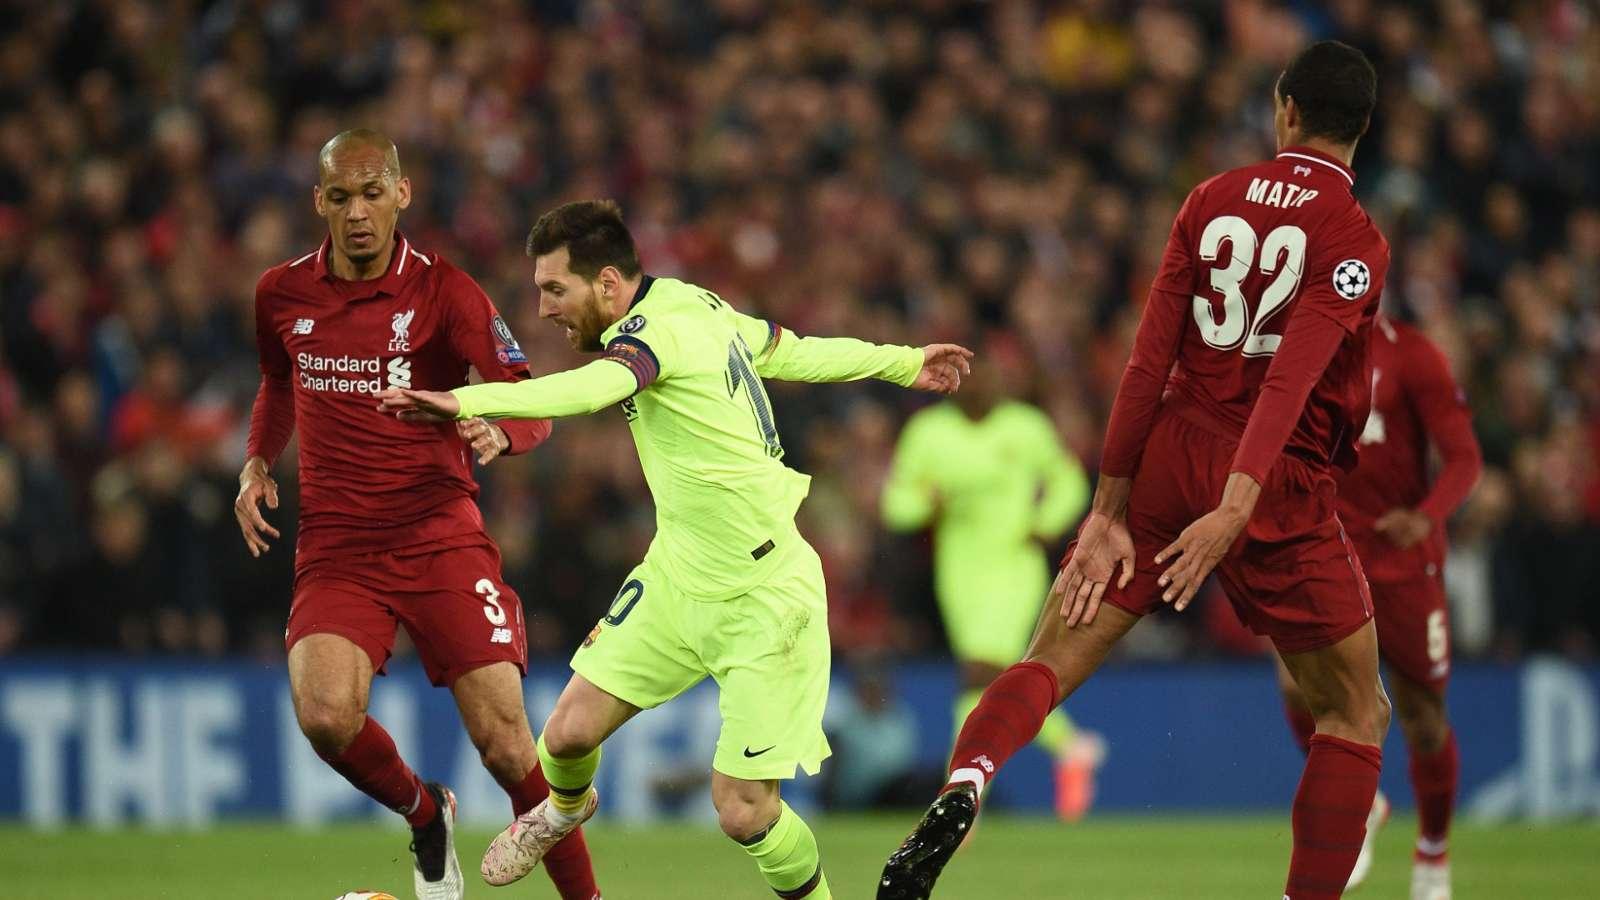 Usai Dibantai Liverpool 4-0, Joel Matip Lihat Lionel Messi Frustrasi